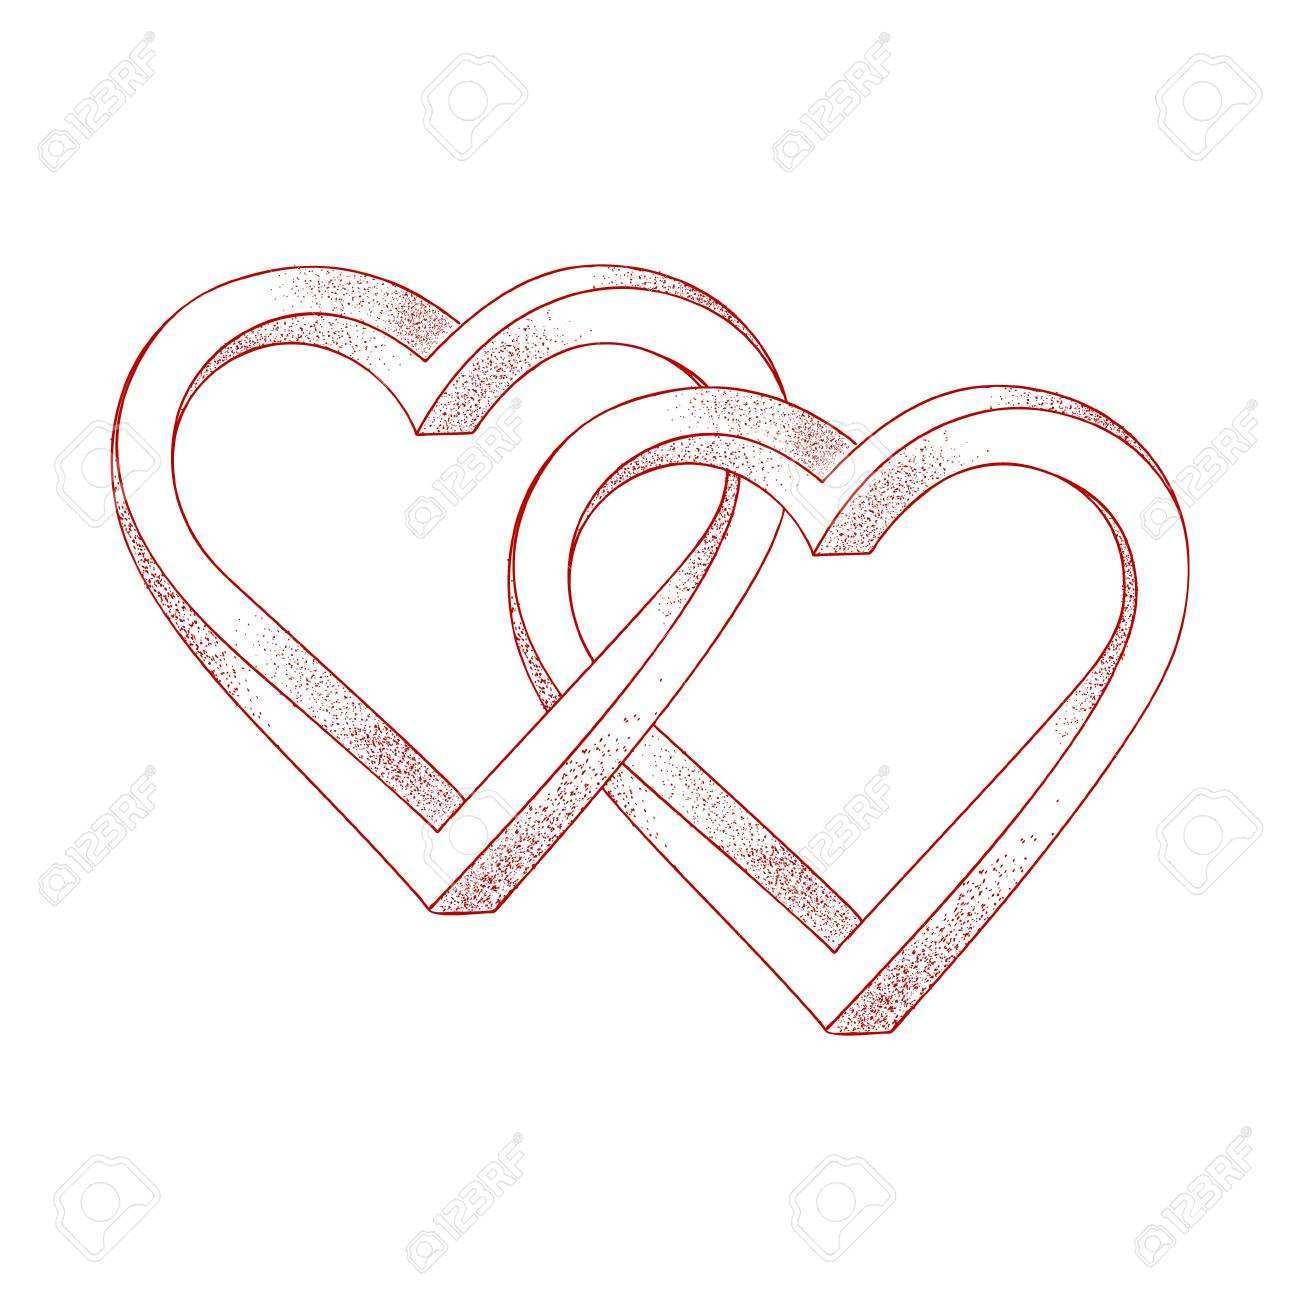 Zwei Herzen Auf Weissem Hintergrund Verflochten Lizenzfrei Nutzbare Vektorgrafiken Clip Arts Illustrationen Image 93165717